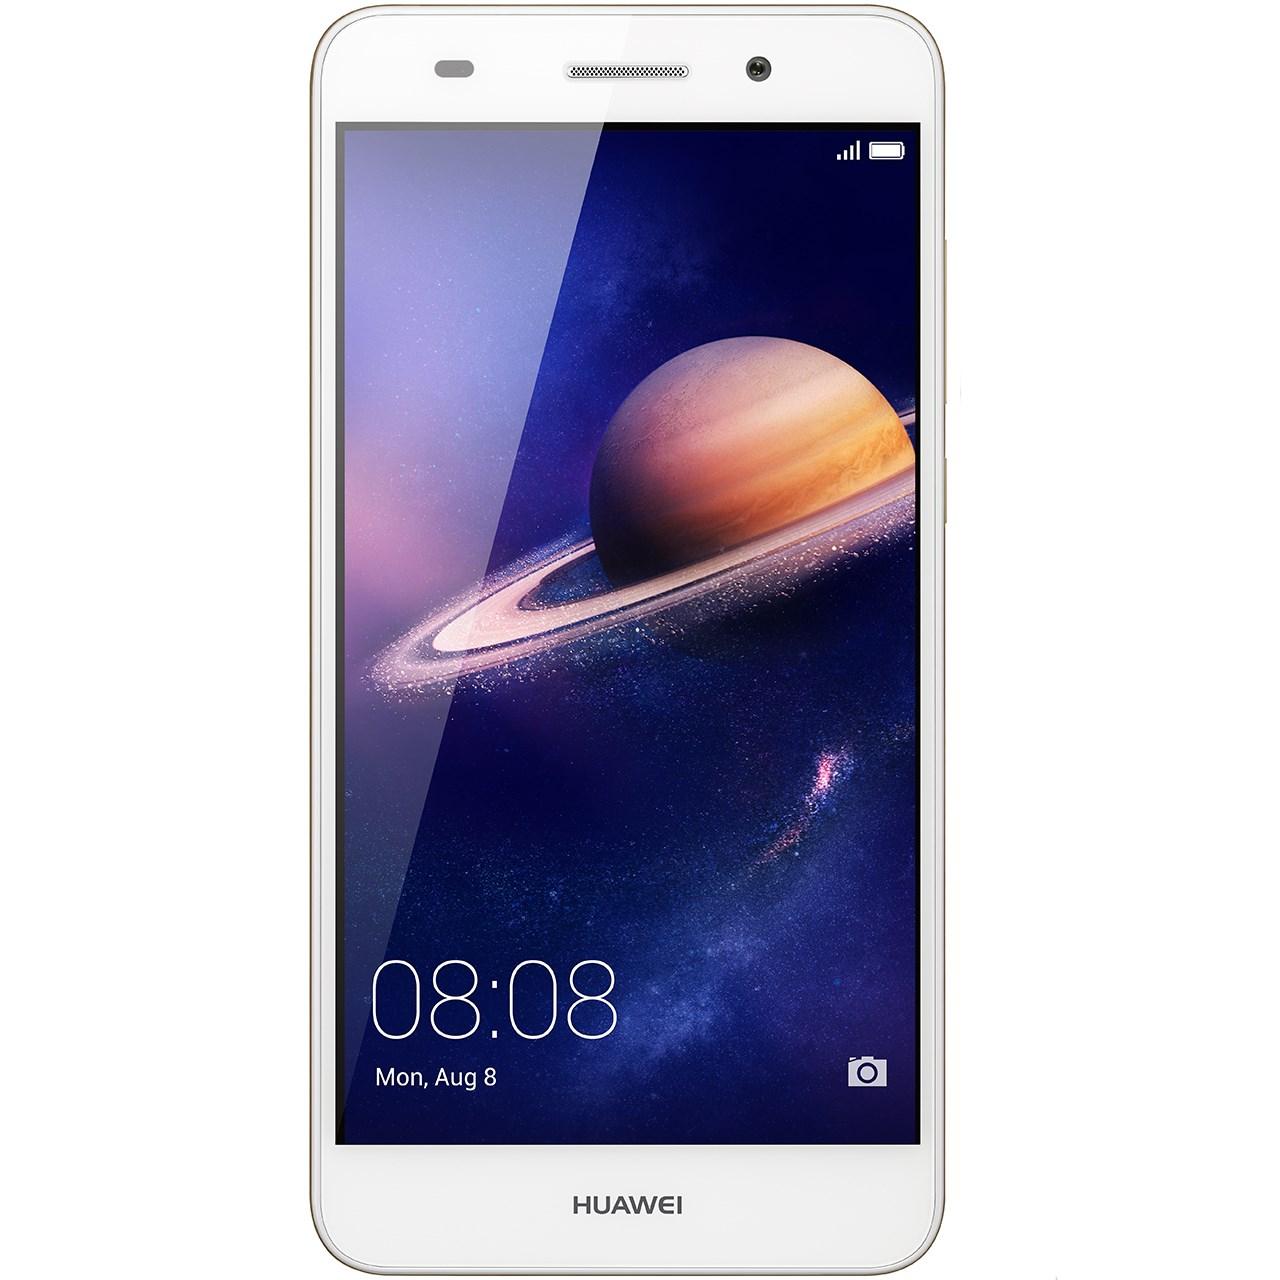 Huawei-Y6-II-Dual-SIM-Mobile-Phone